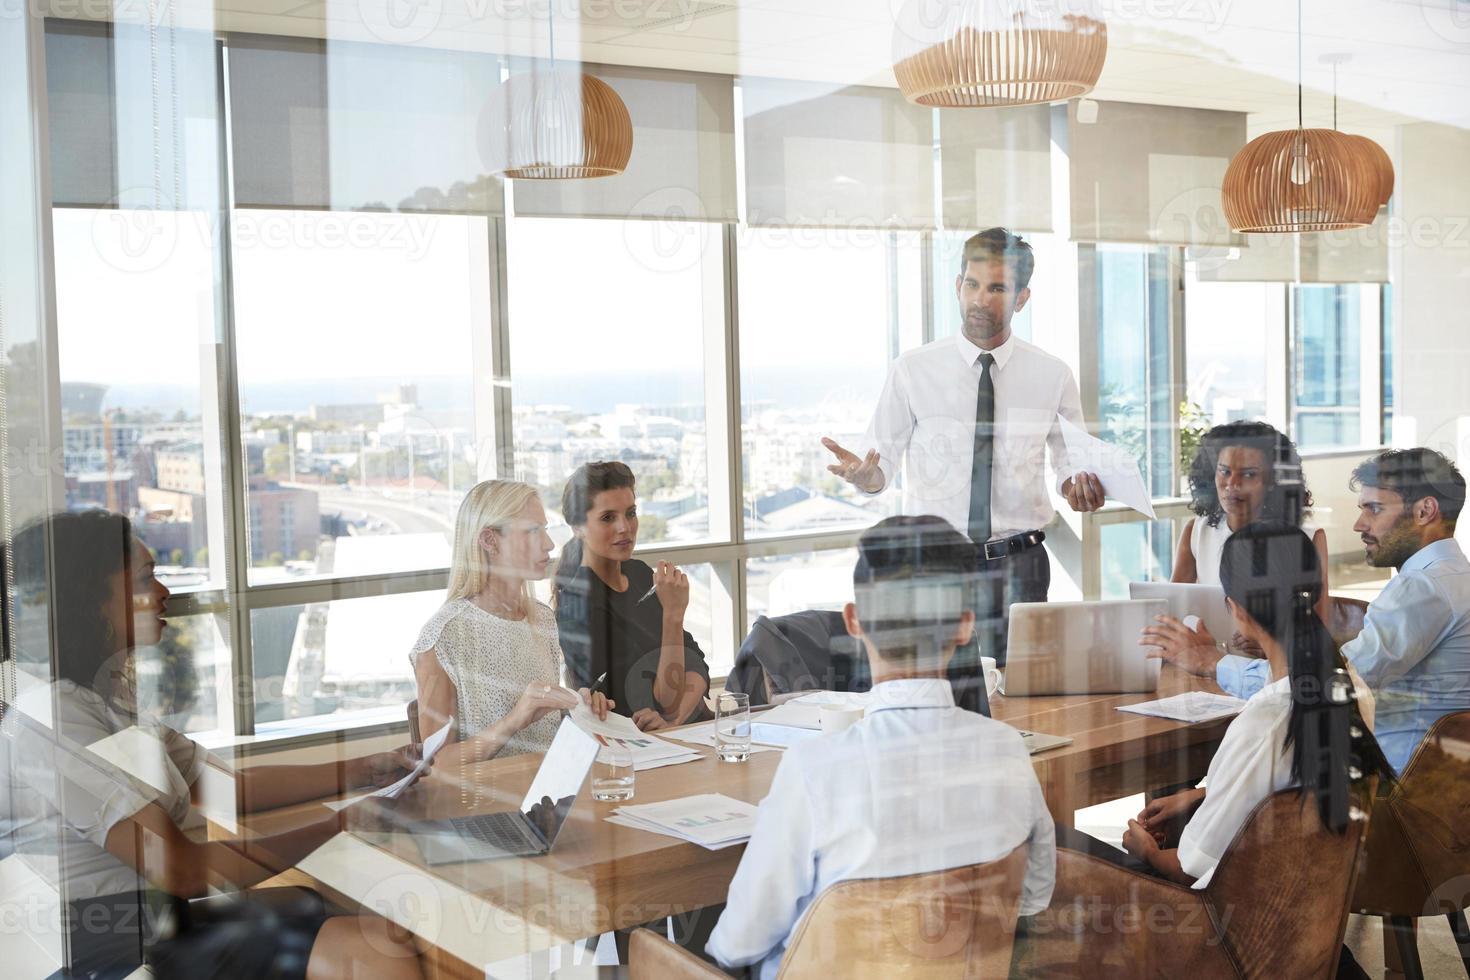 zakenman leidt vergadering rond tafel schot door deur foto